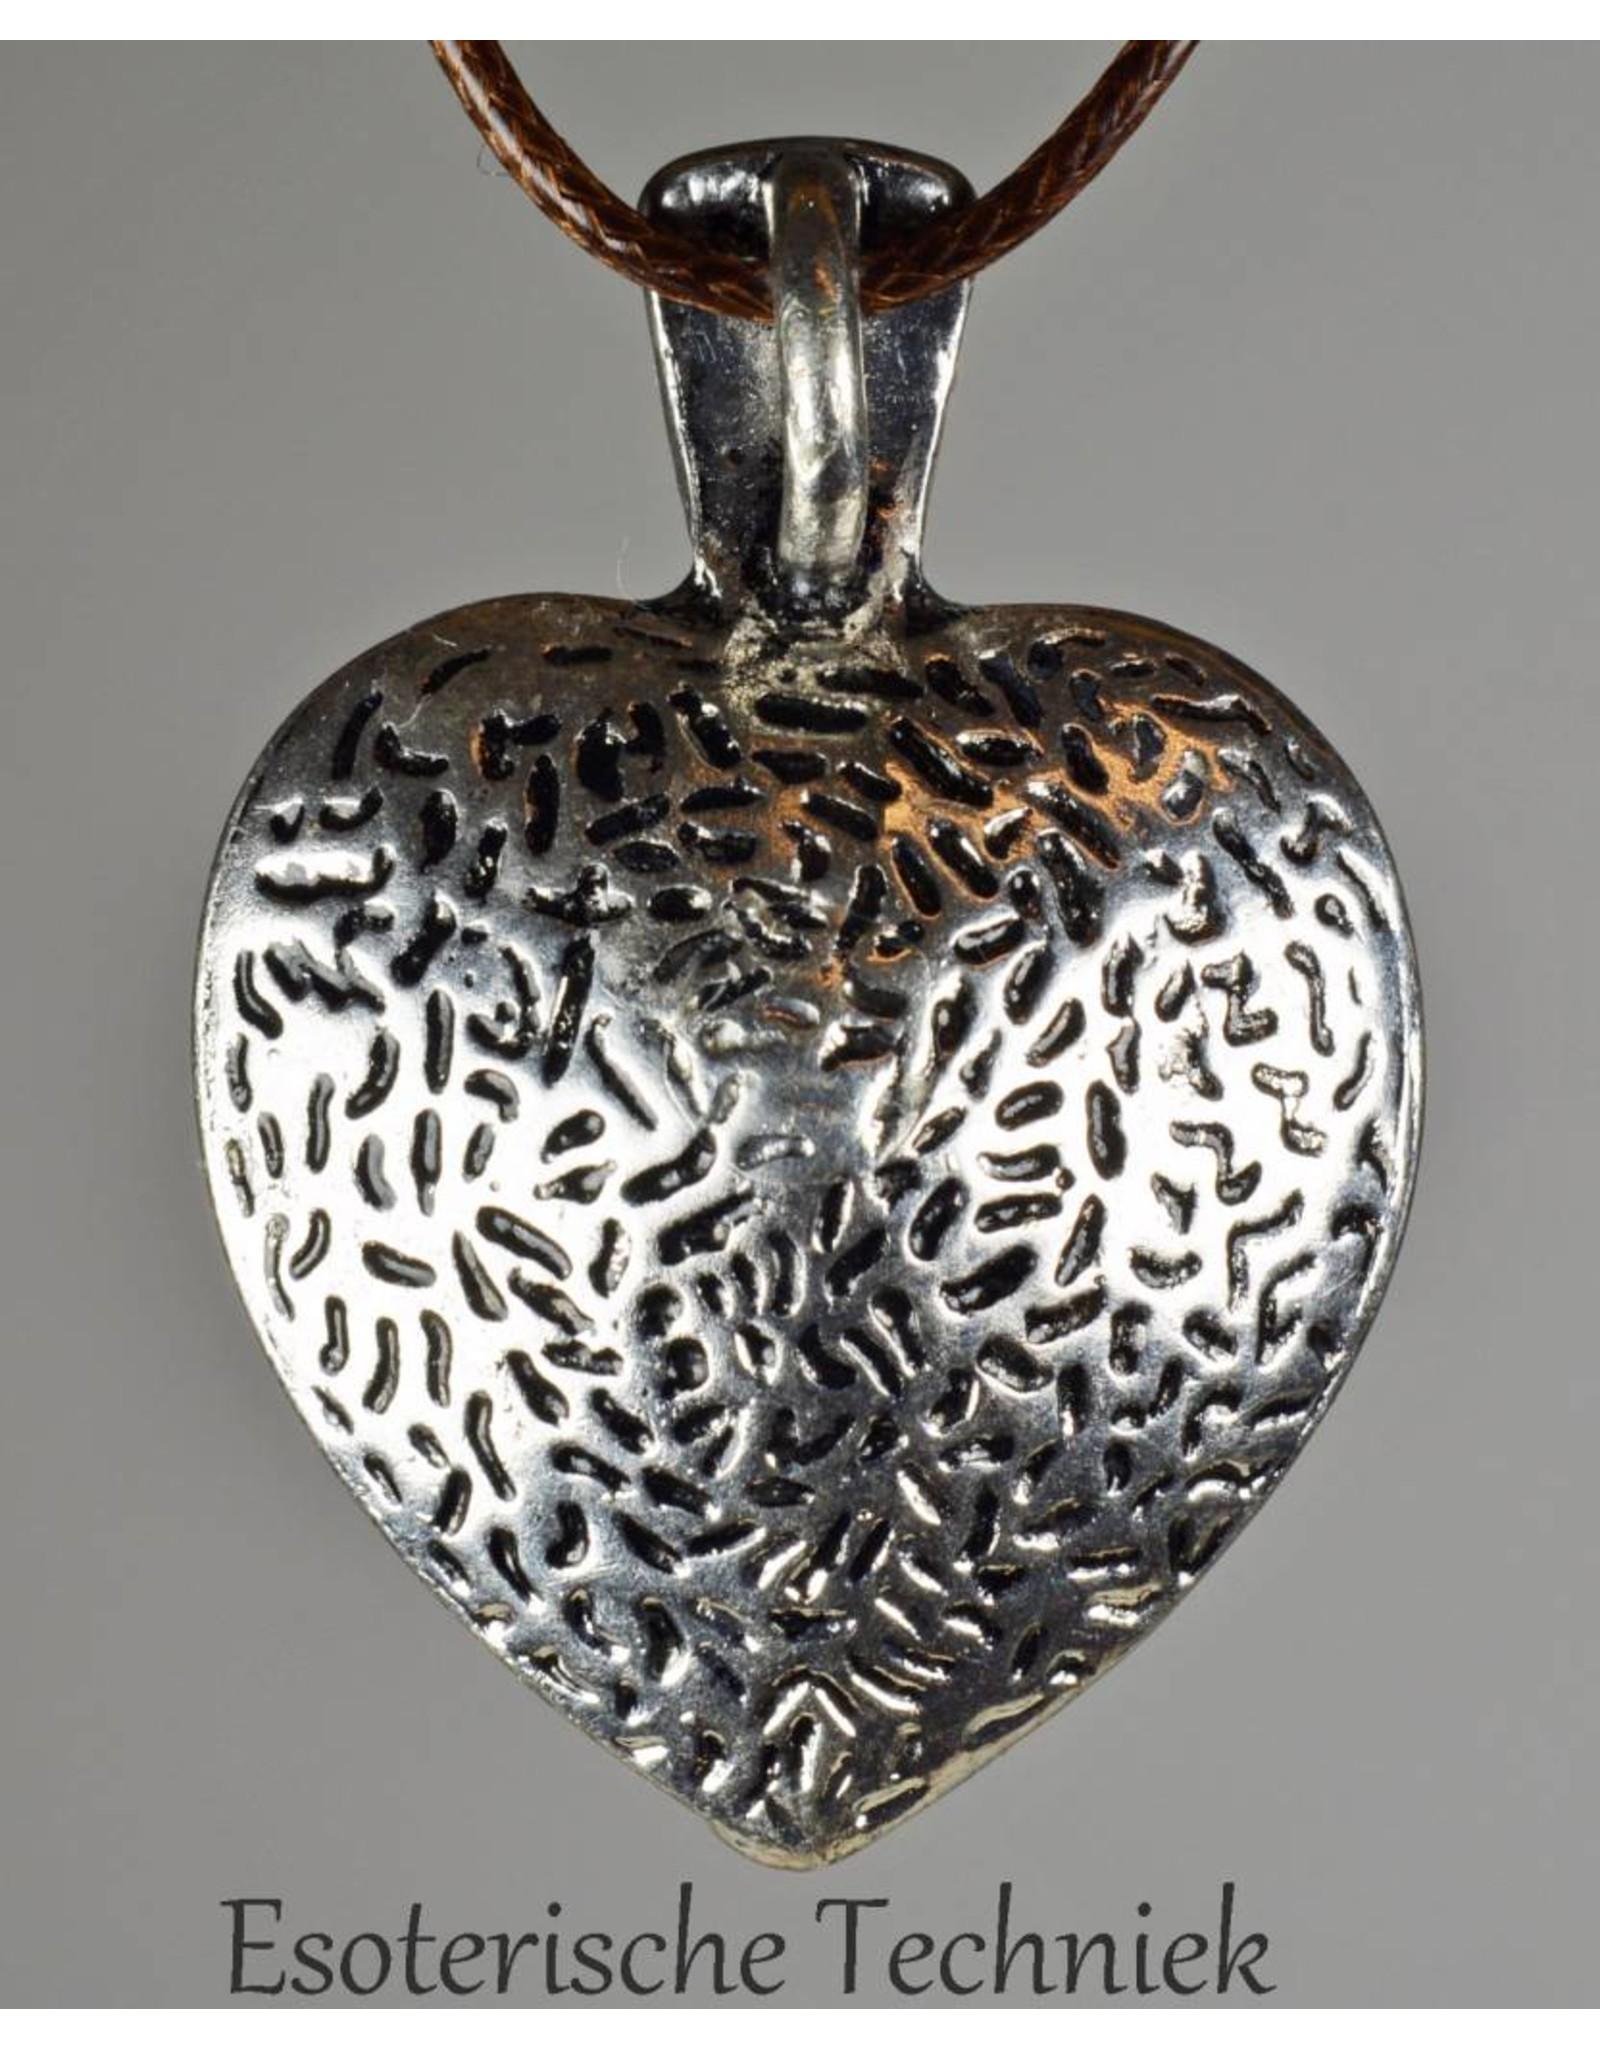 Orgone orgonite hanger hart, bescherming tegen elektrosmog en schadelijke straling.